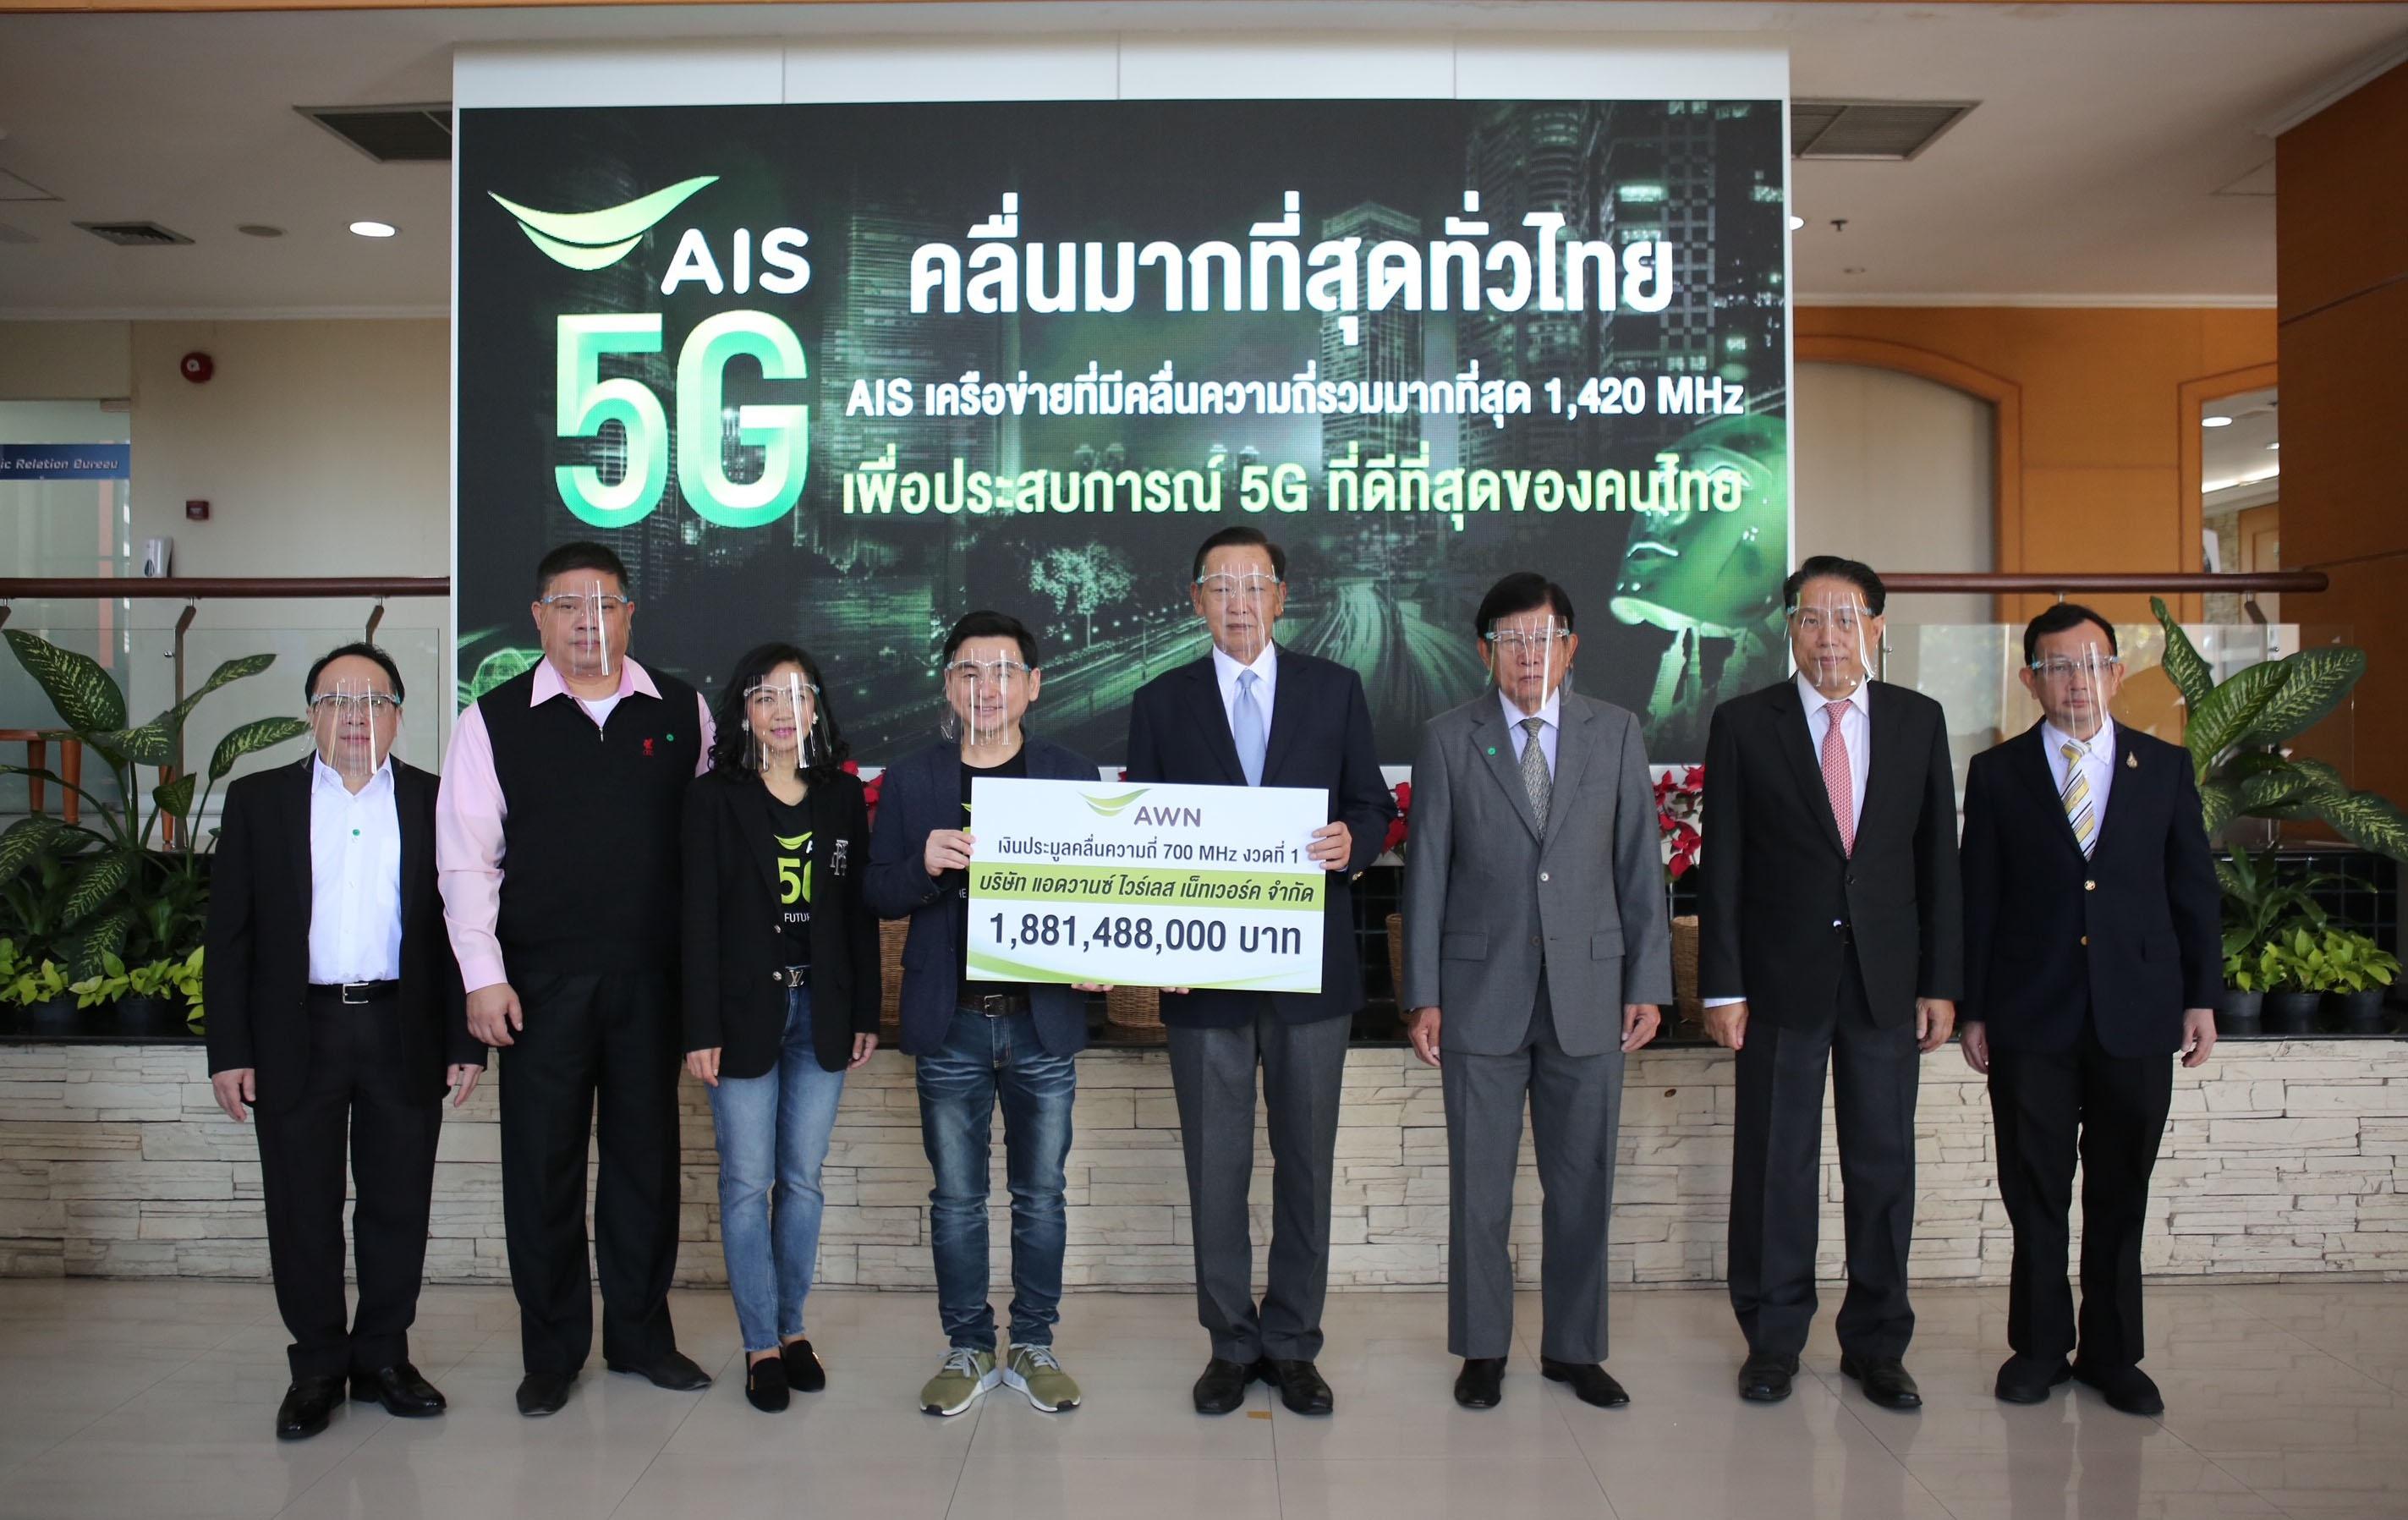 """""""เอไอเอส"""" ยืนยันนำคลื่น 700 MHz สร้างประโยชน์เพื่อคนไทย"""